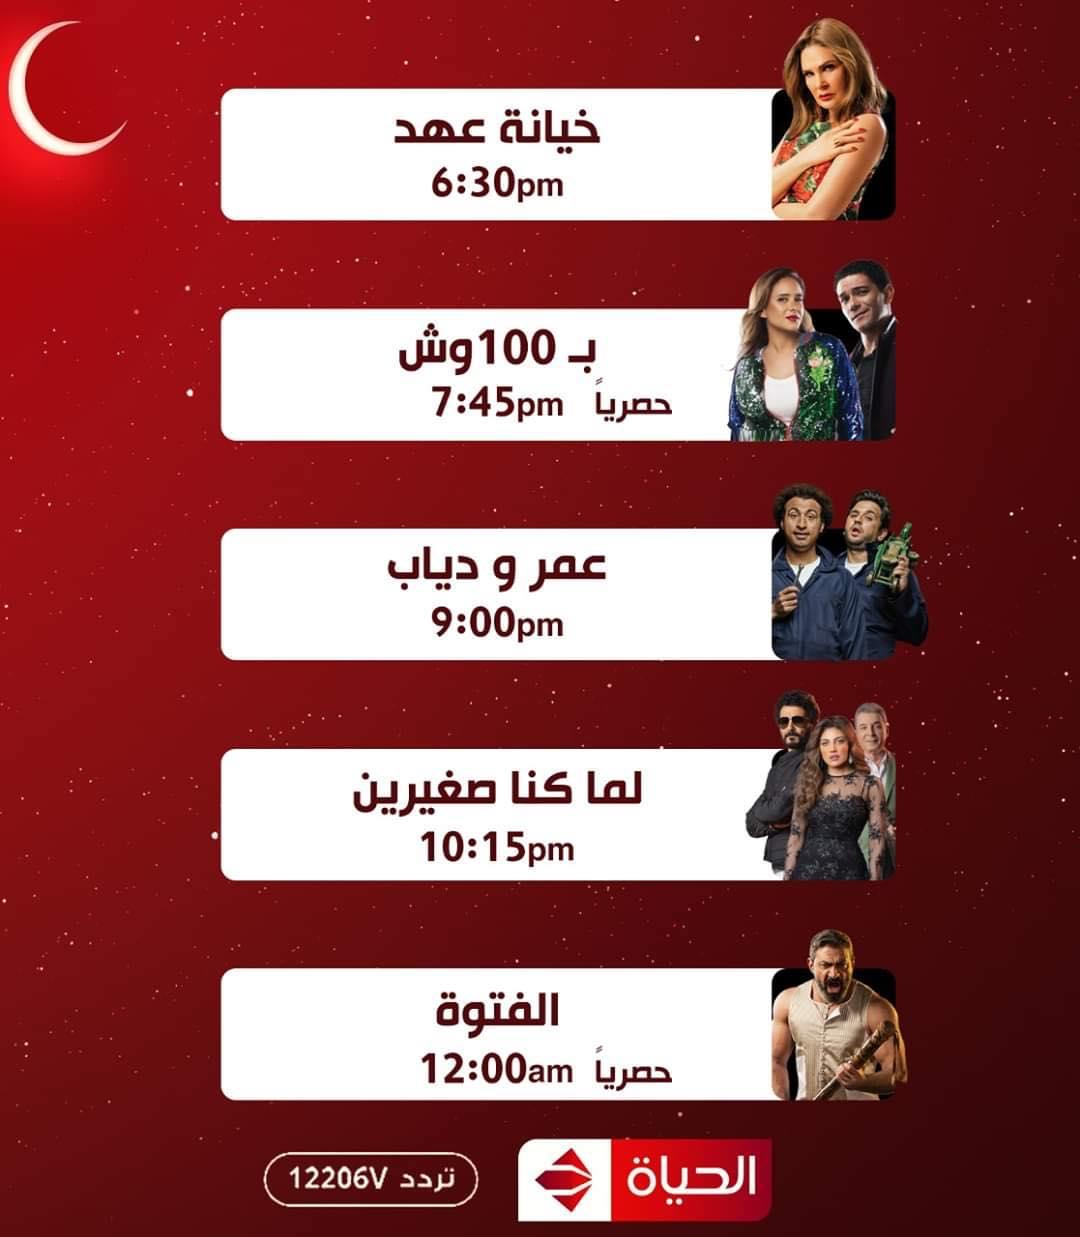 تعرف على مواعيد عرض 5 مسلسلات على قناة الحياة طوال شهر رمضان ...